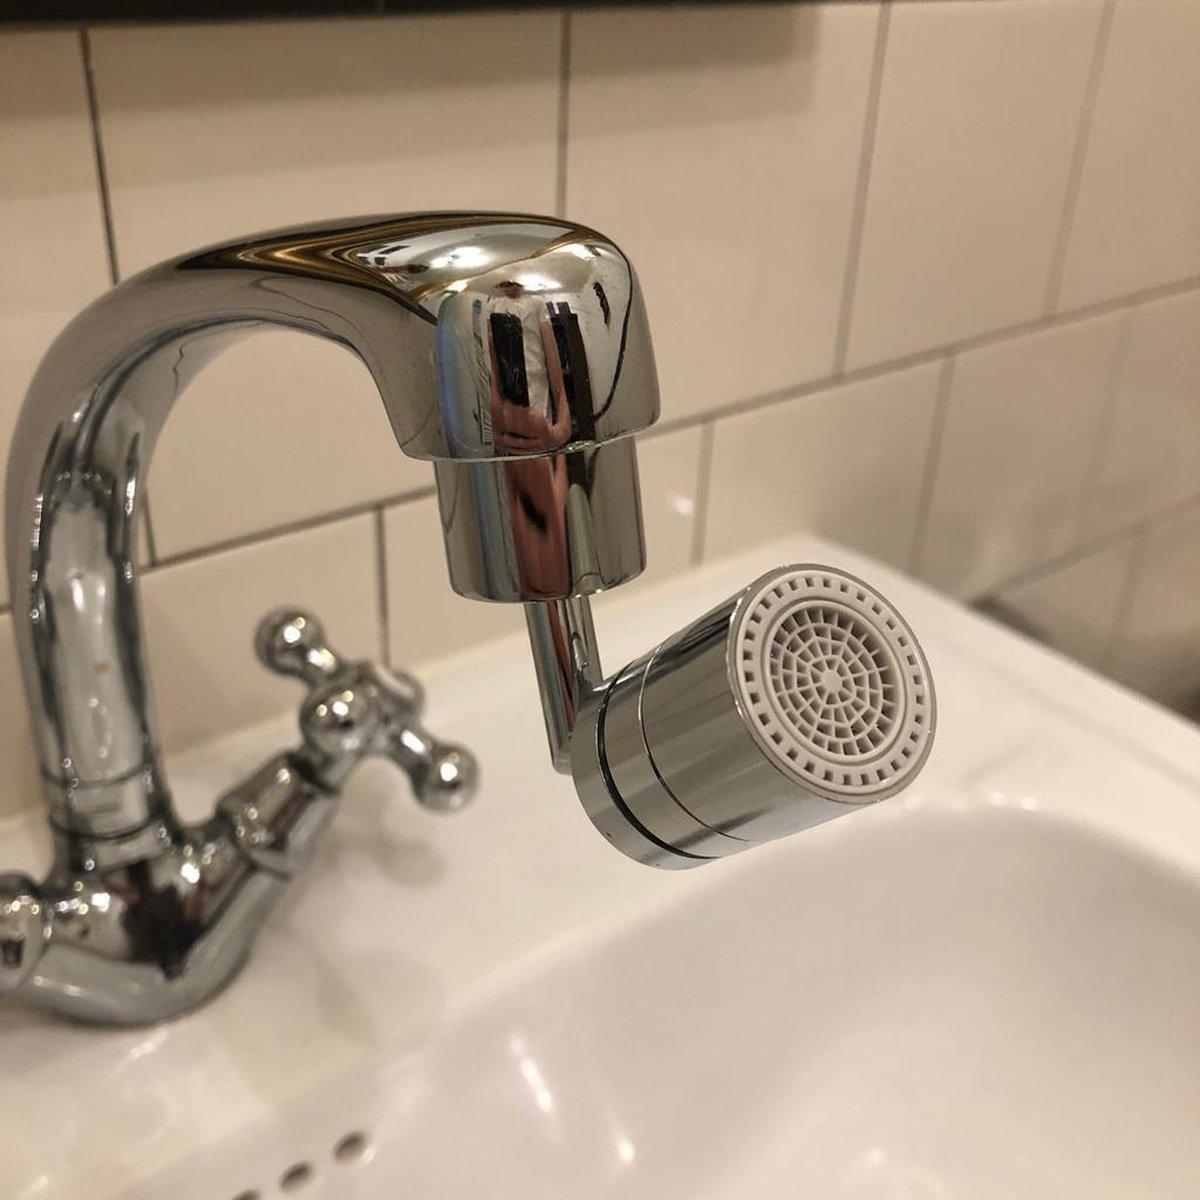 Draaibare 720 graden kraan met 2 sproeistanden   opzetstuk kraan draaibaar   badkamerkraan   keukenk